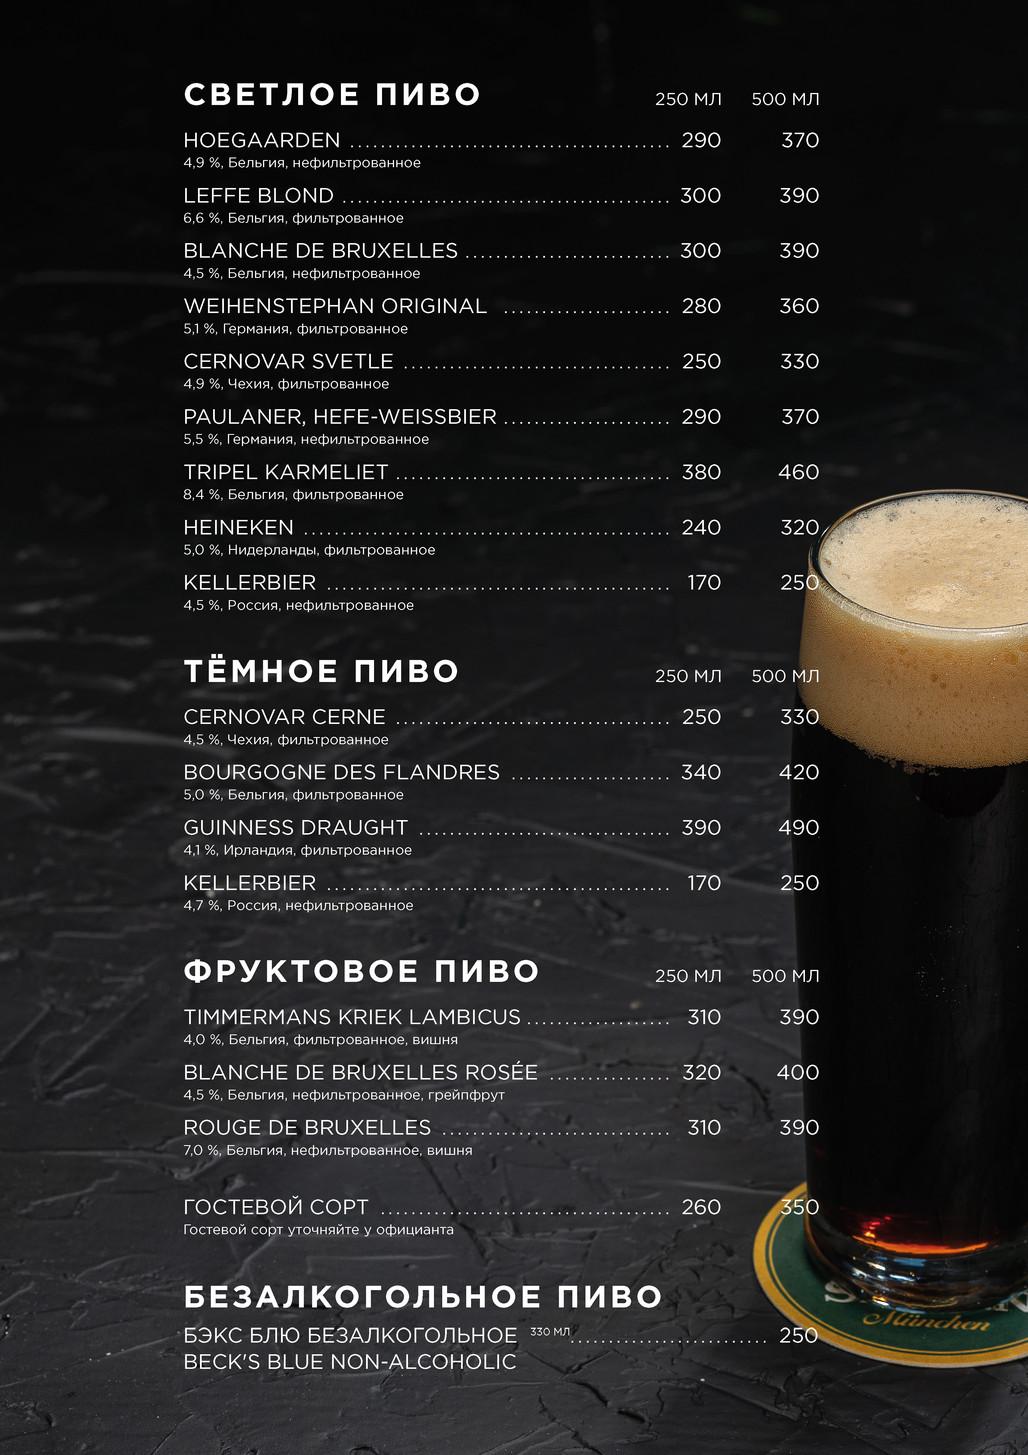 bar_menu___new___03.jpg